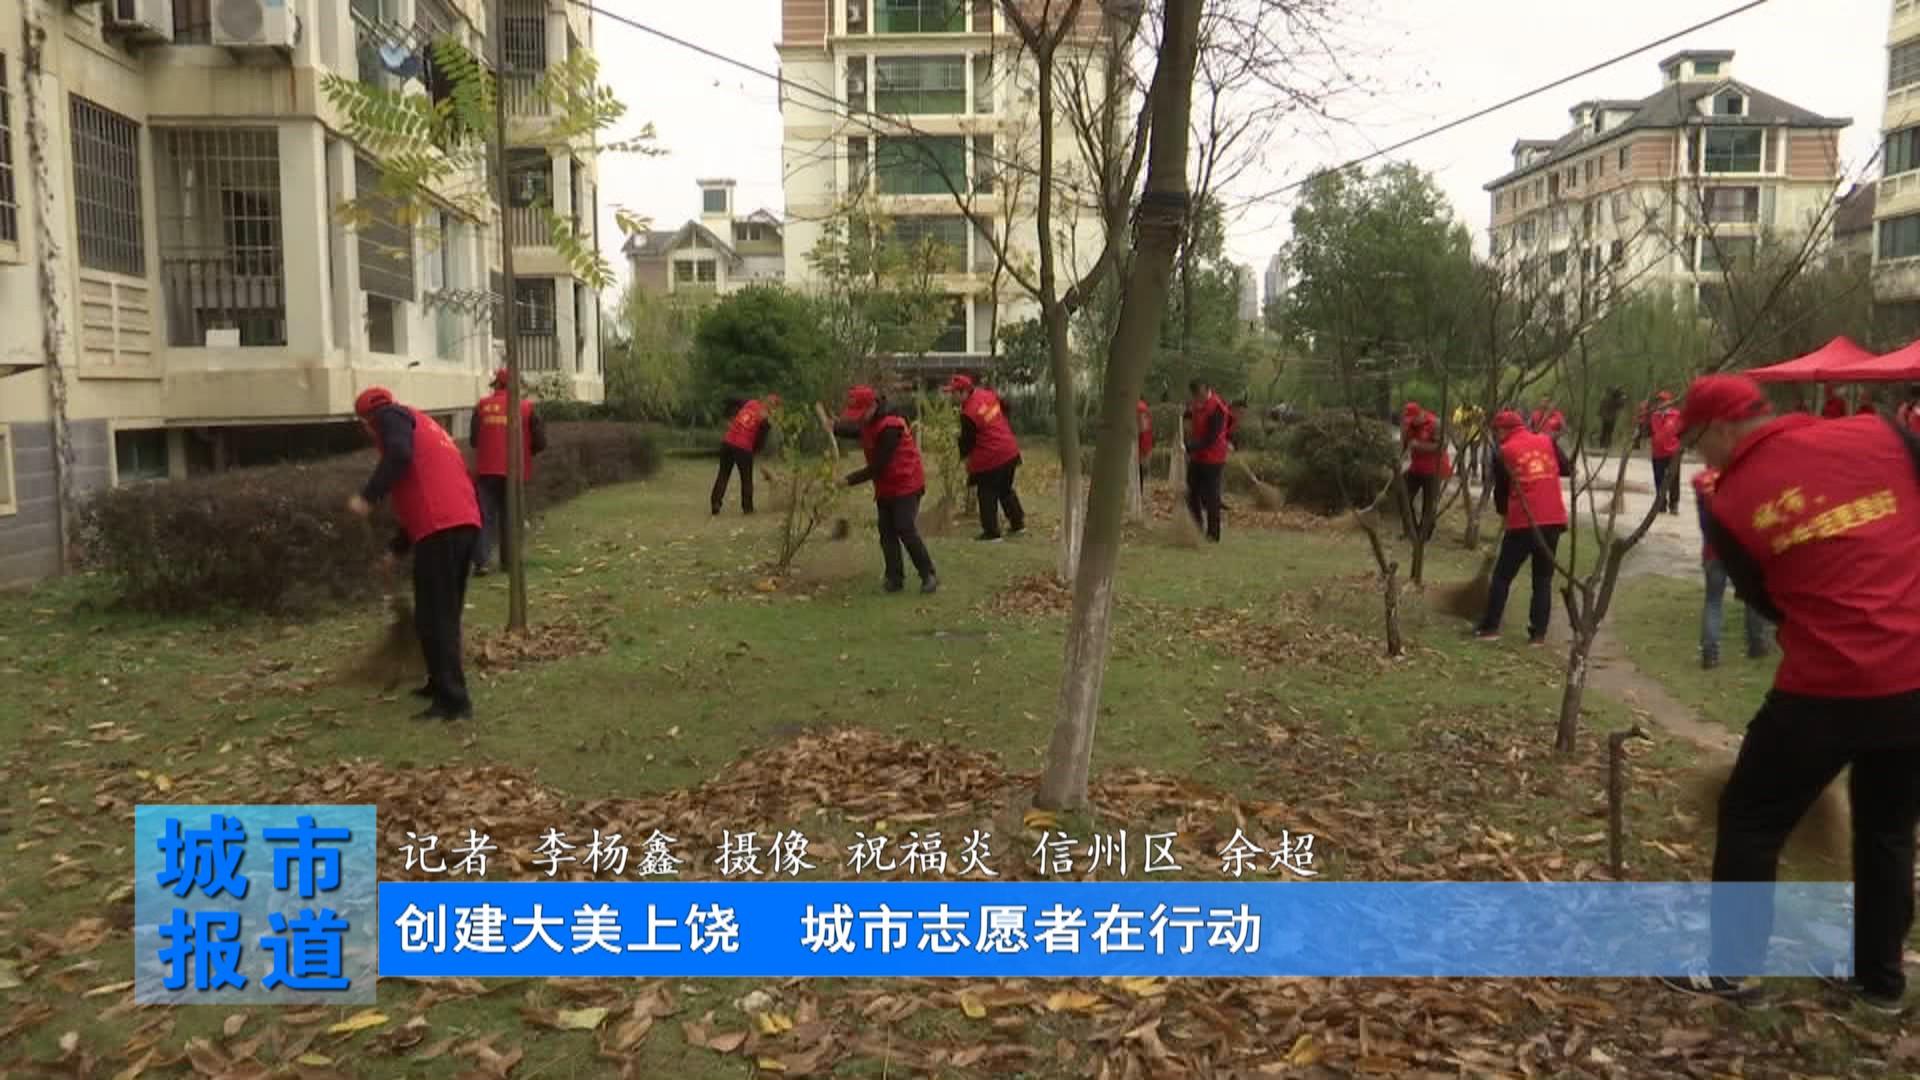 创建大美上饶  城市志愿者在行动